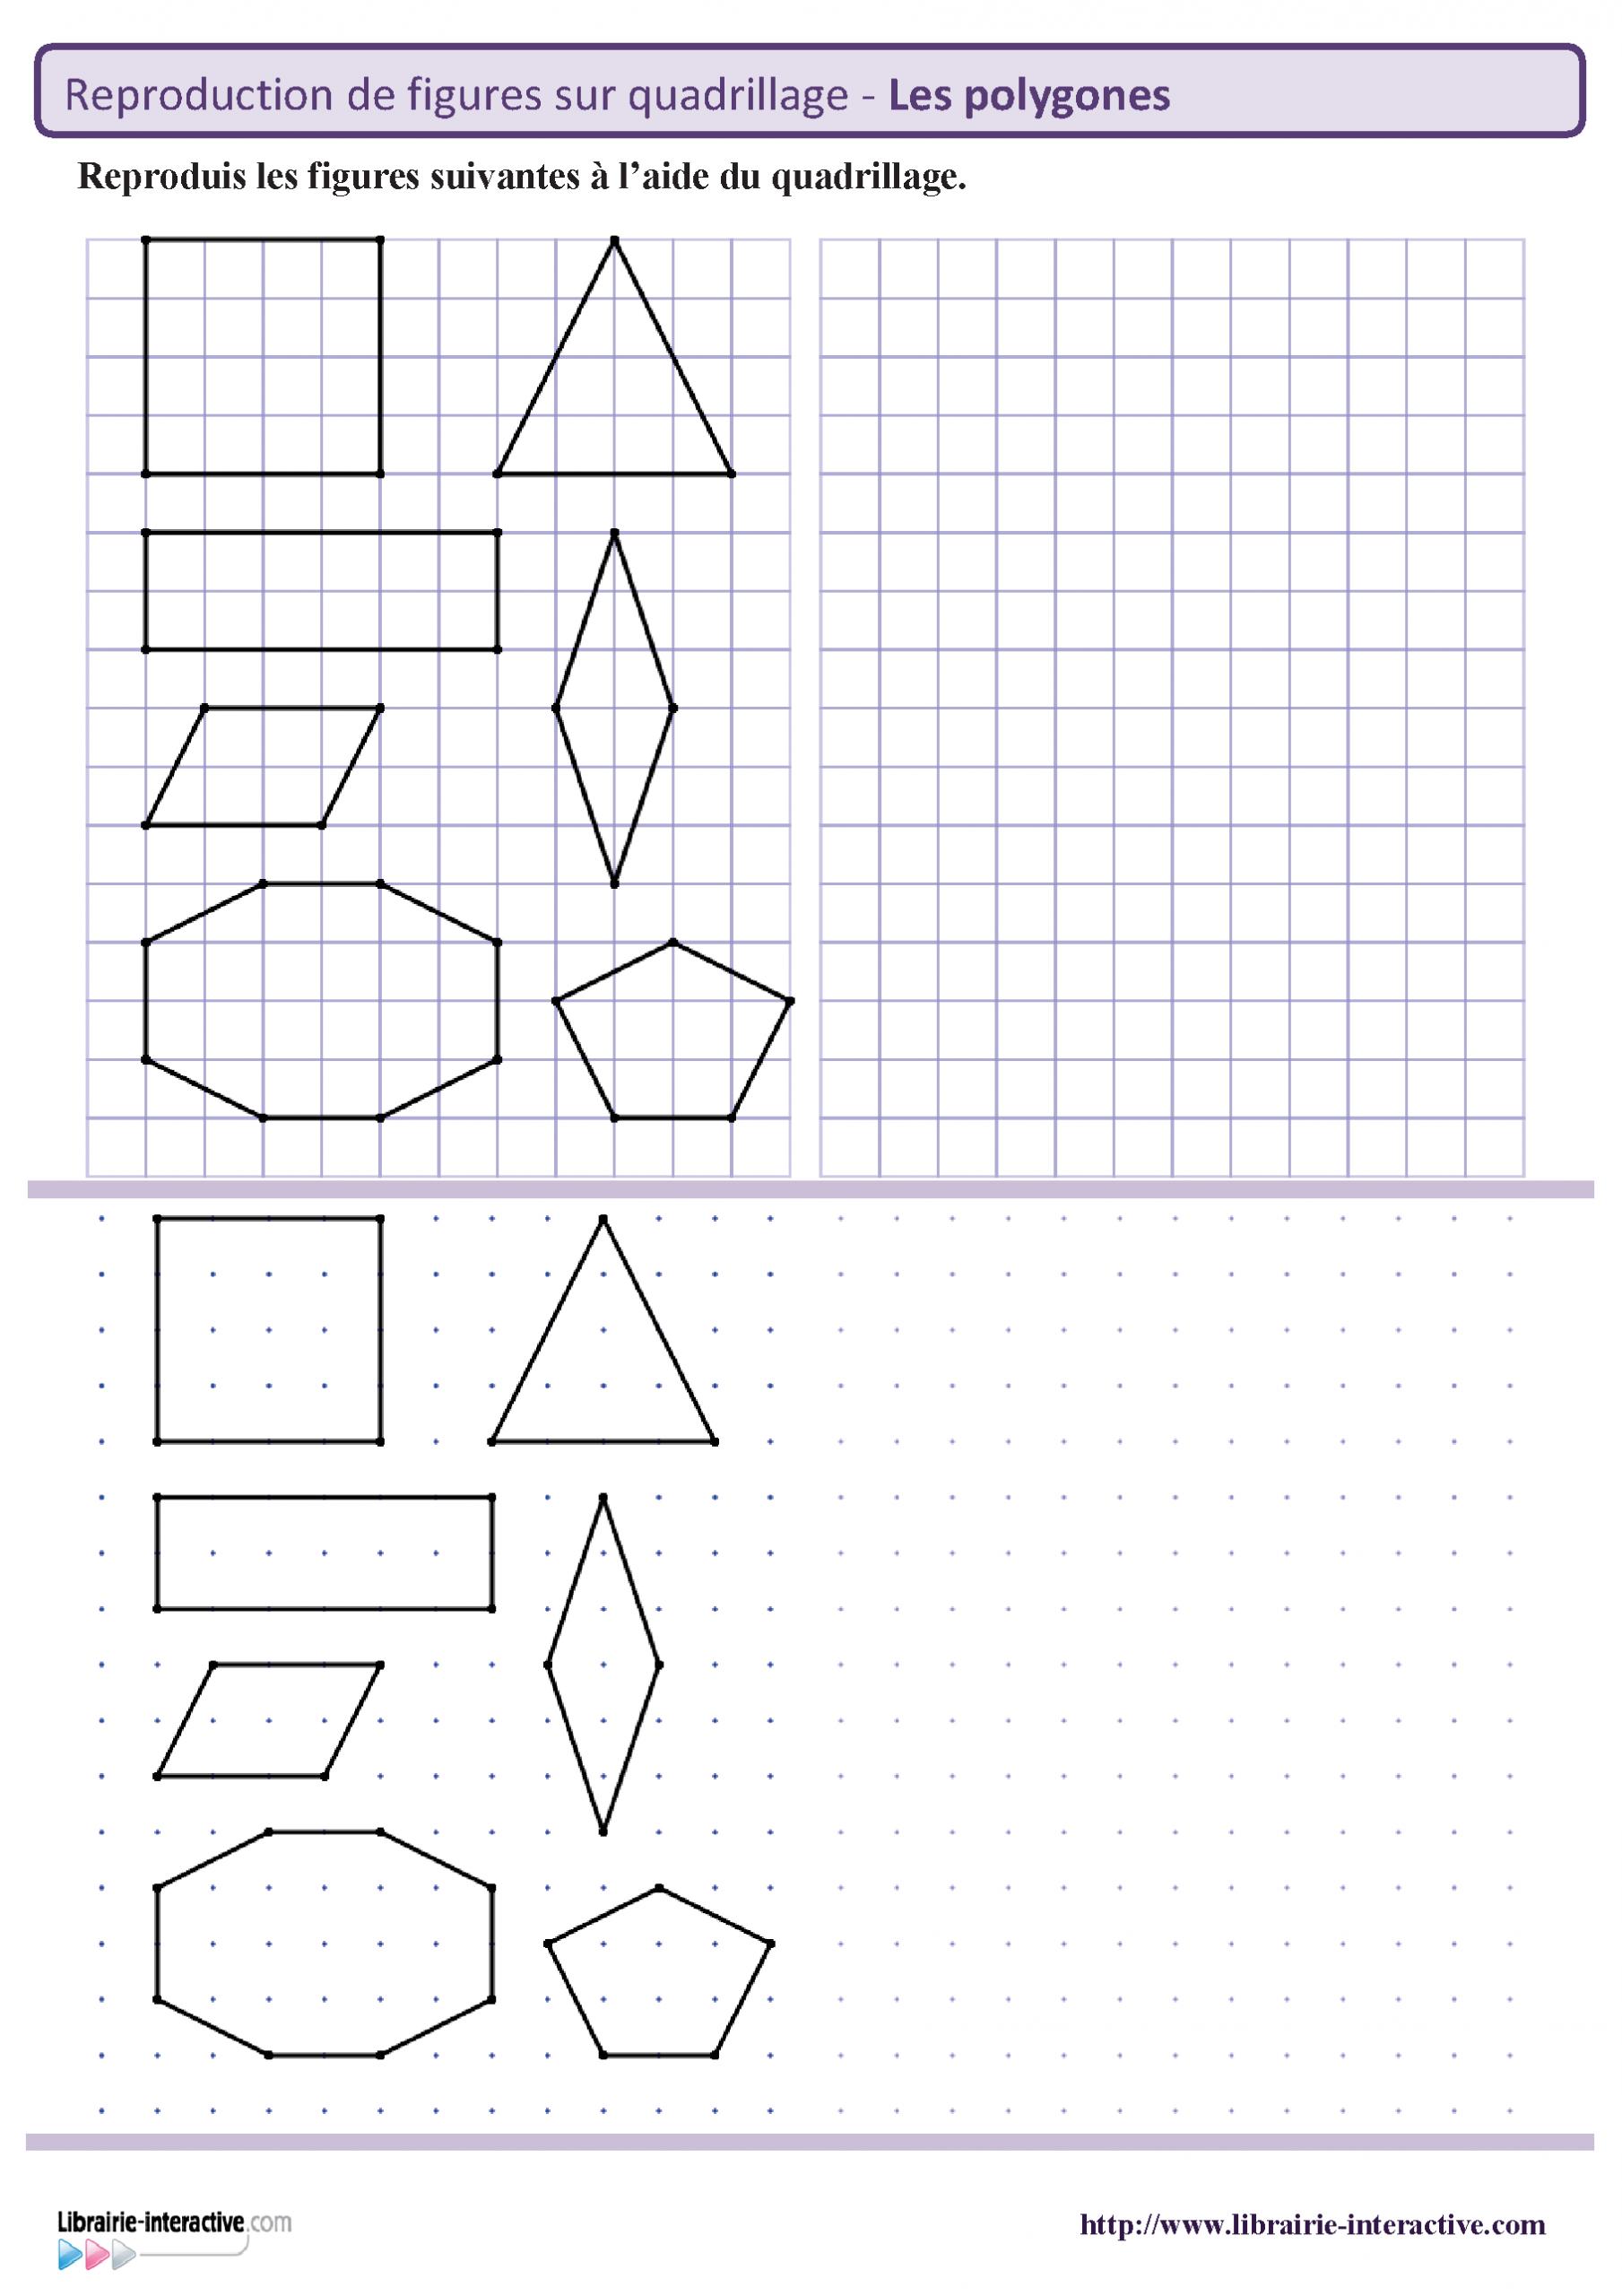 Reproduction Des Principaux Polygones Sur Quadrillage Et serapportantà Reproduction De Figures Ce2 Quadrillage